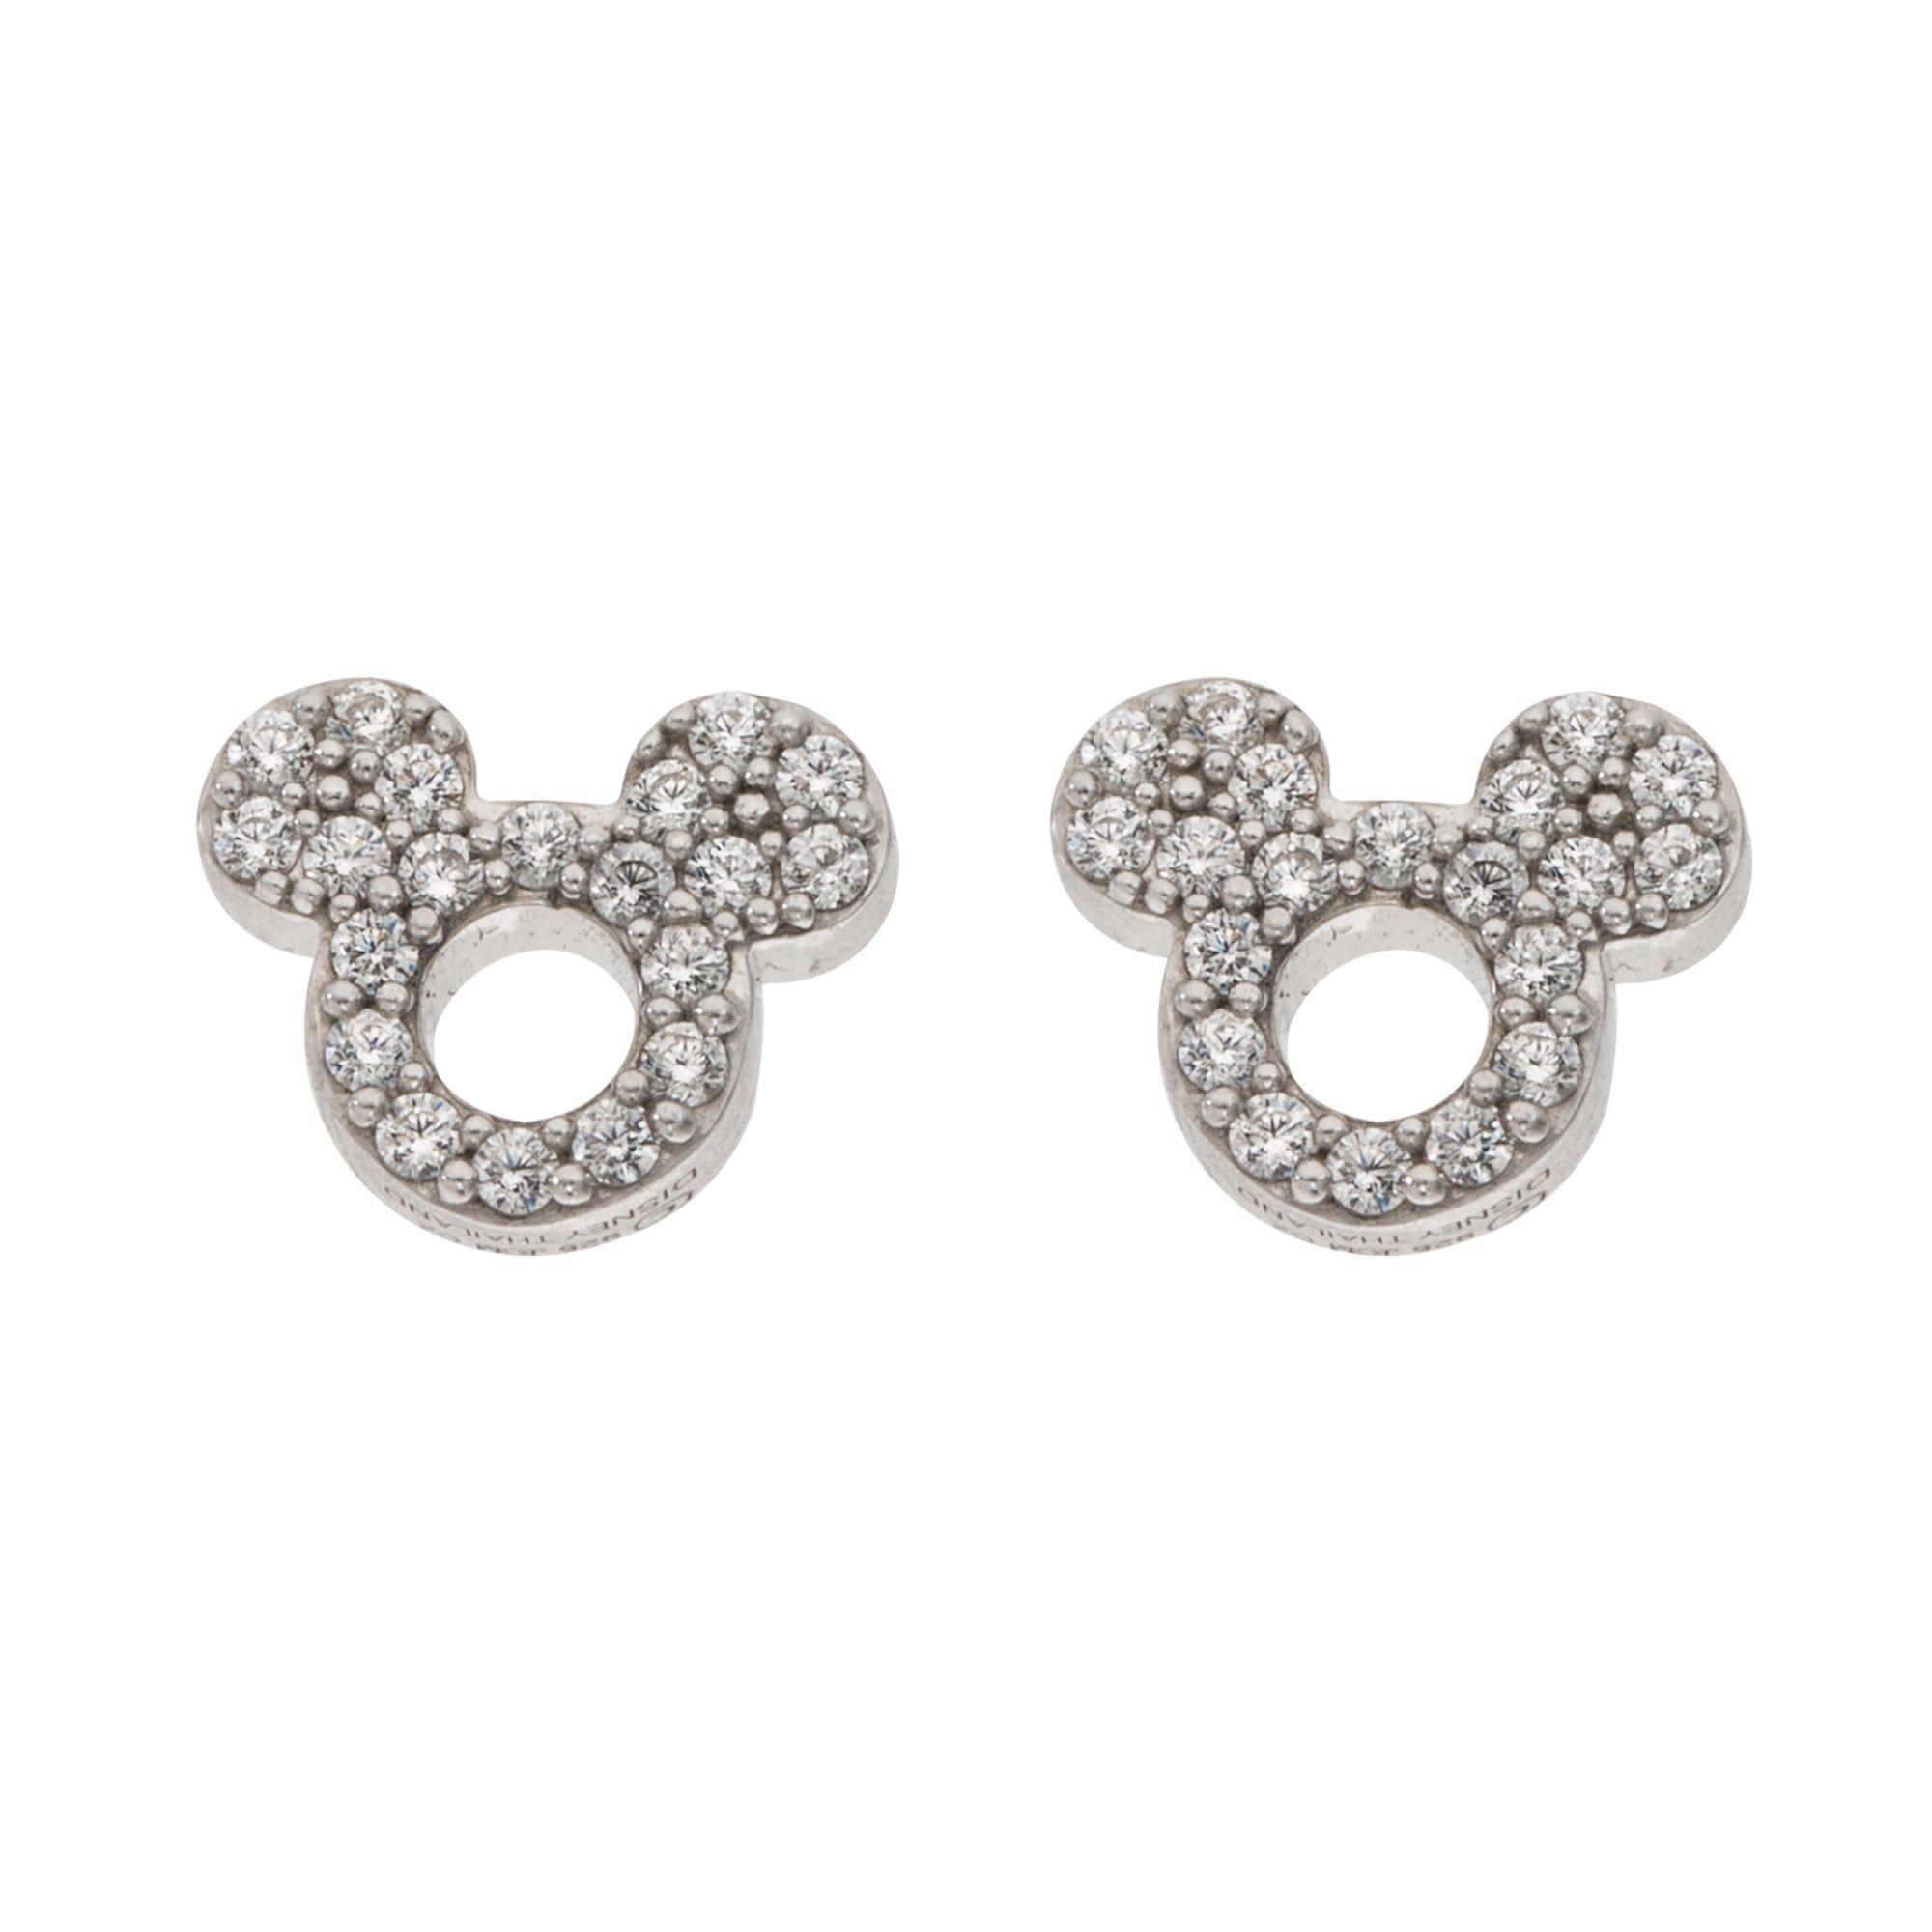 DISNEY© Mickey Mouse CZ Earrings in Sterling Silver